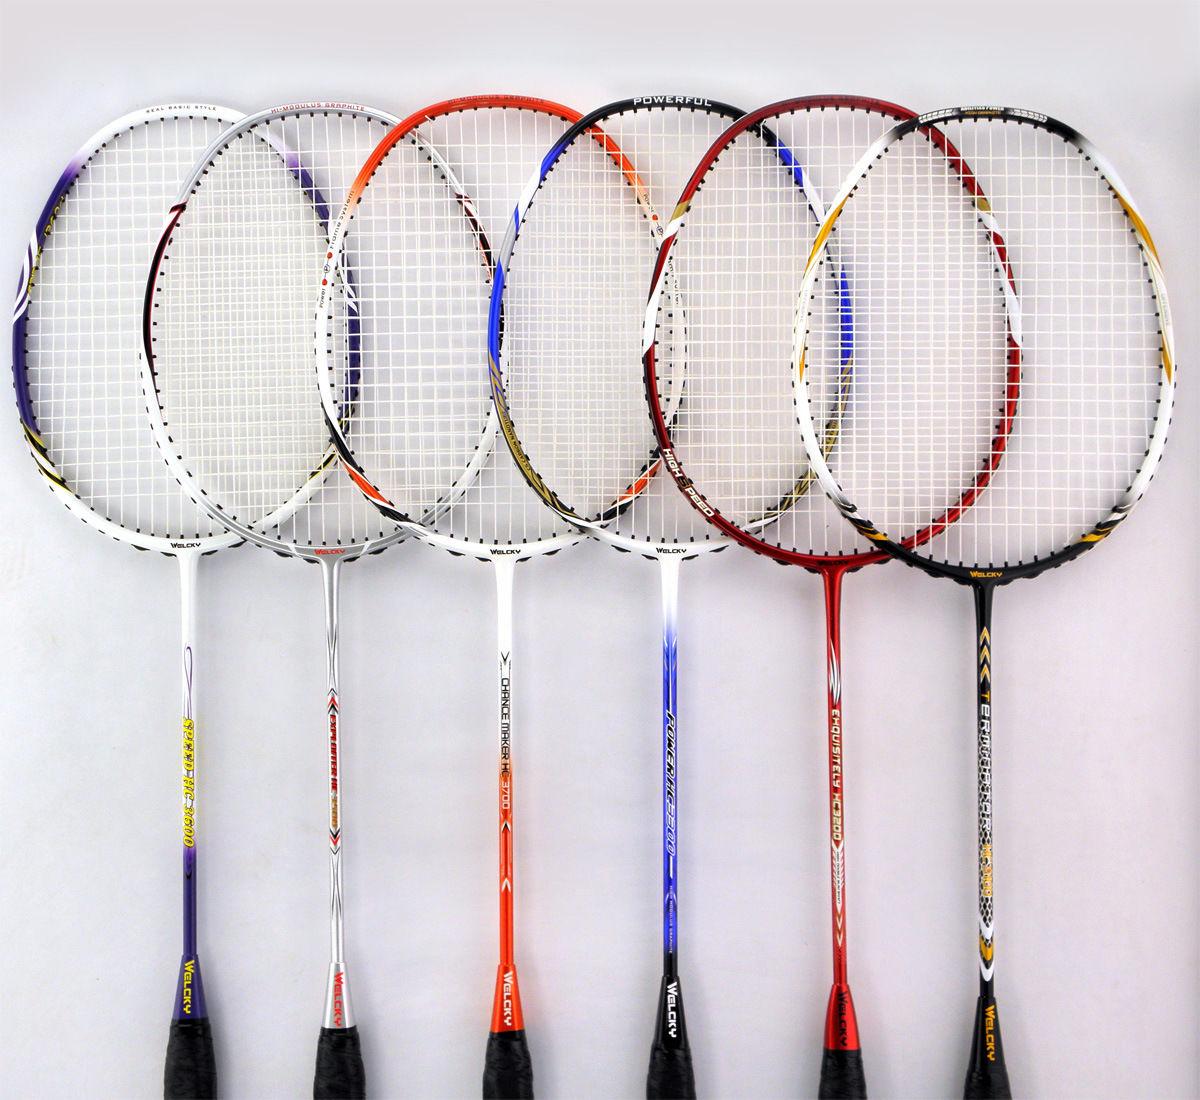 Chọn vợt cầu lông dựa vào hình dạng của khung vợt